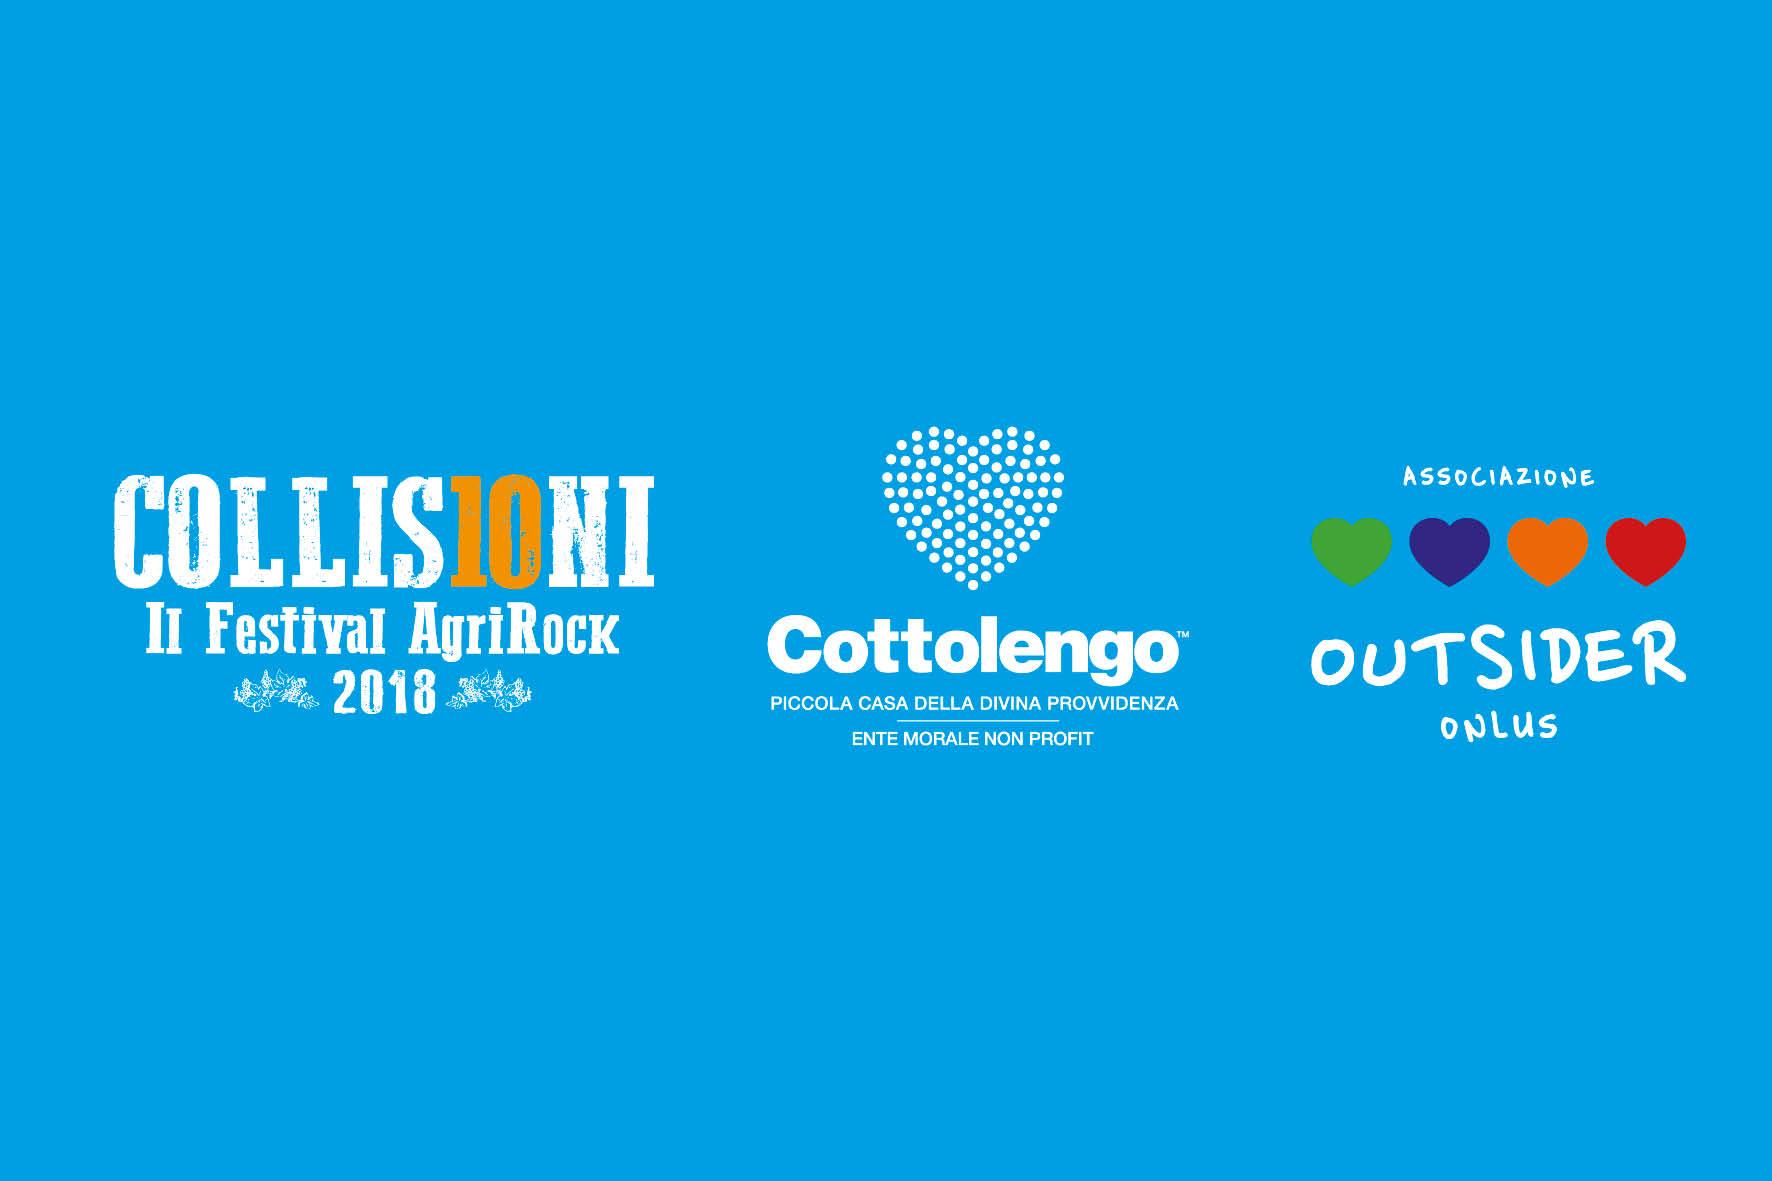 Outsider e Cottolengo insieme a COLLISIONI 2018